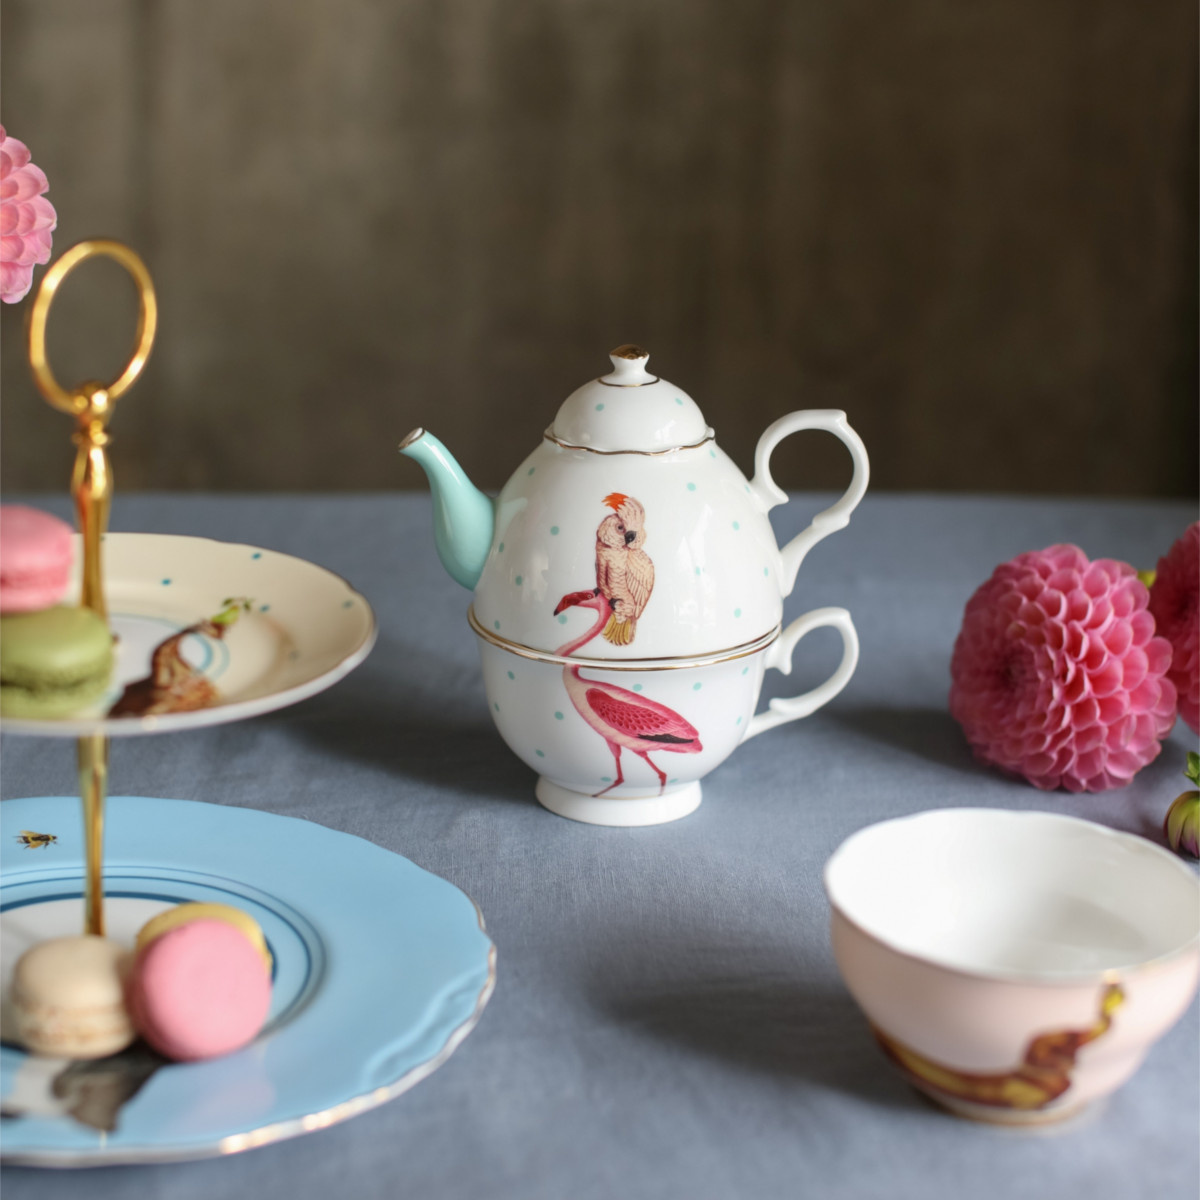 Yvonne Ellen London Yvonne Ellen - Carnival Animal - 'Tea for One' Theepot 900 ml - Flamingo Print - Bone China Porselein - In Fraaie Geschenkdoos - Copy